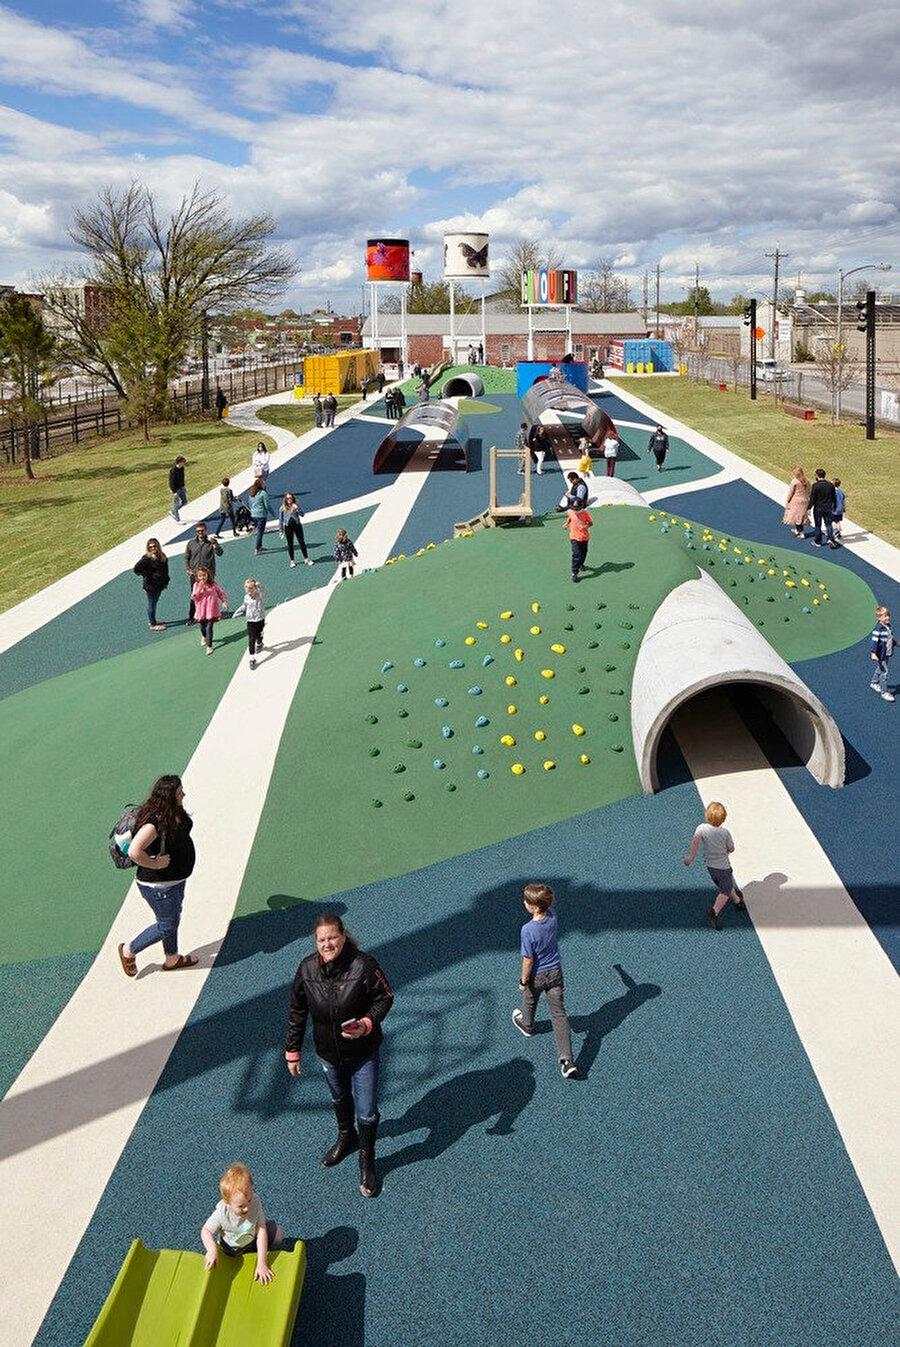 Yürüyüş yolları, zemin renkleri ve rampalar parka hareketlilik katıyor.